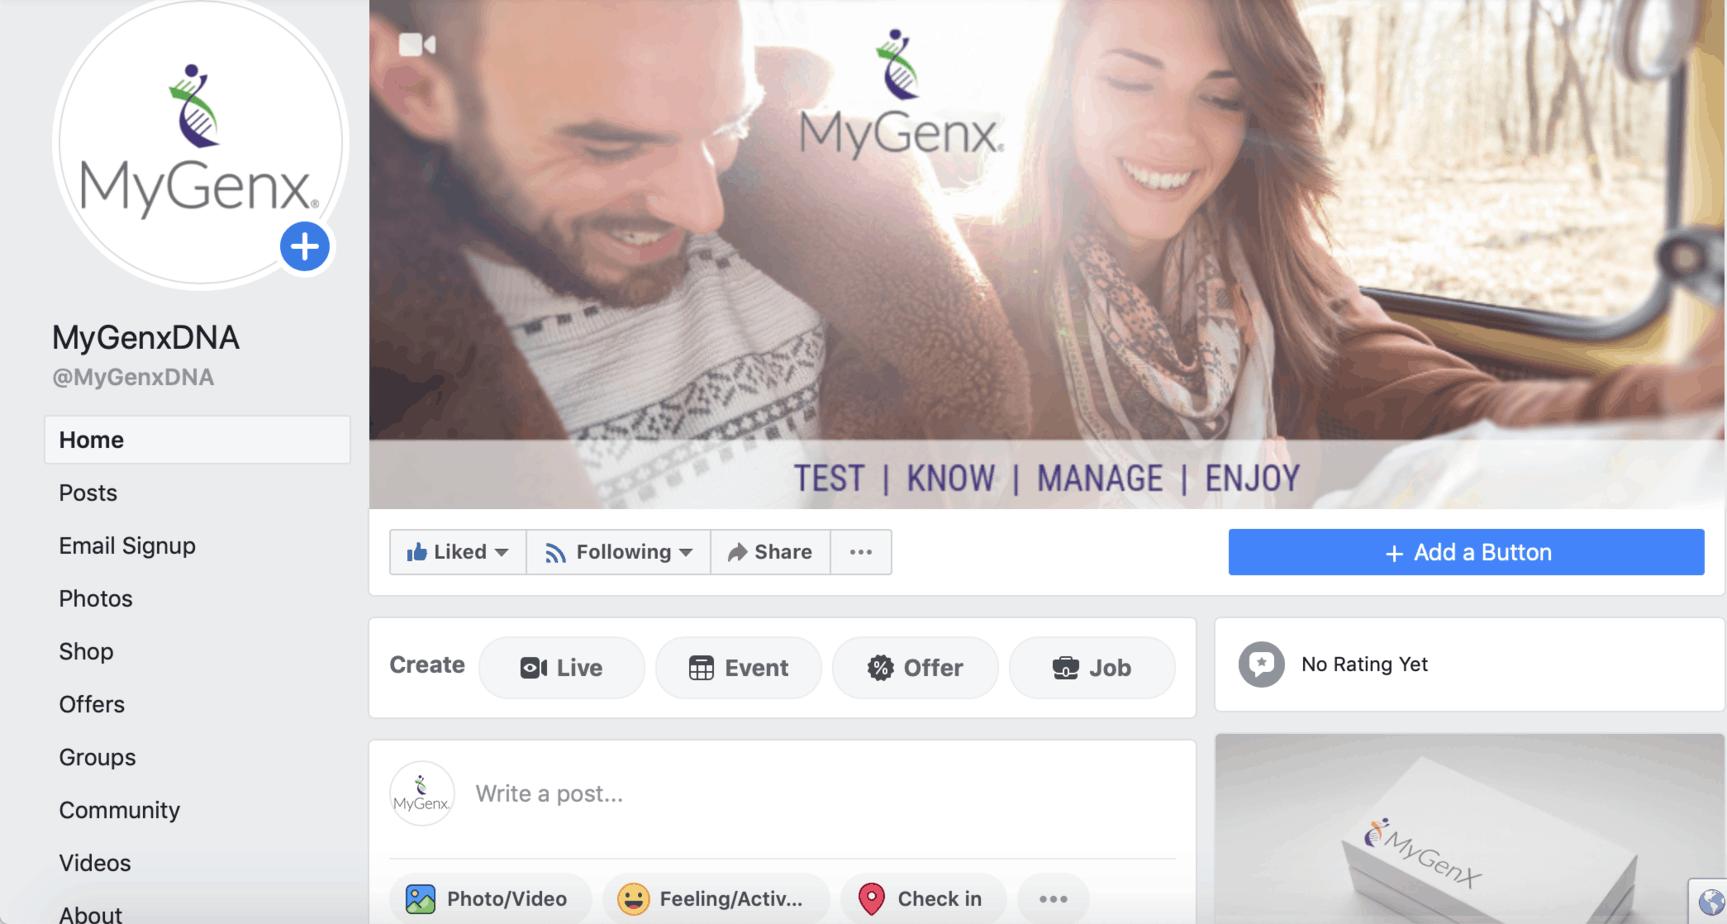 MyGenx® Facebook